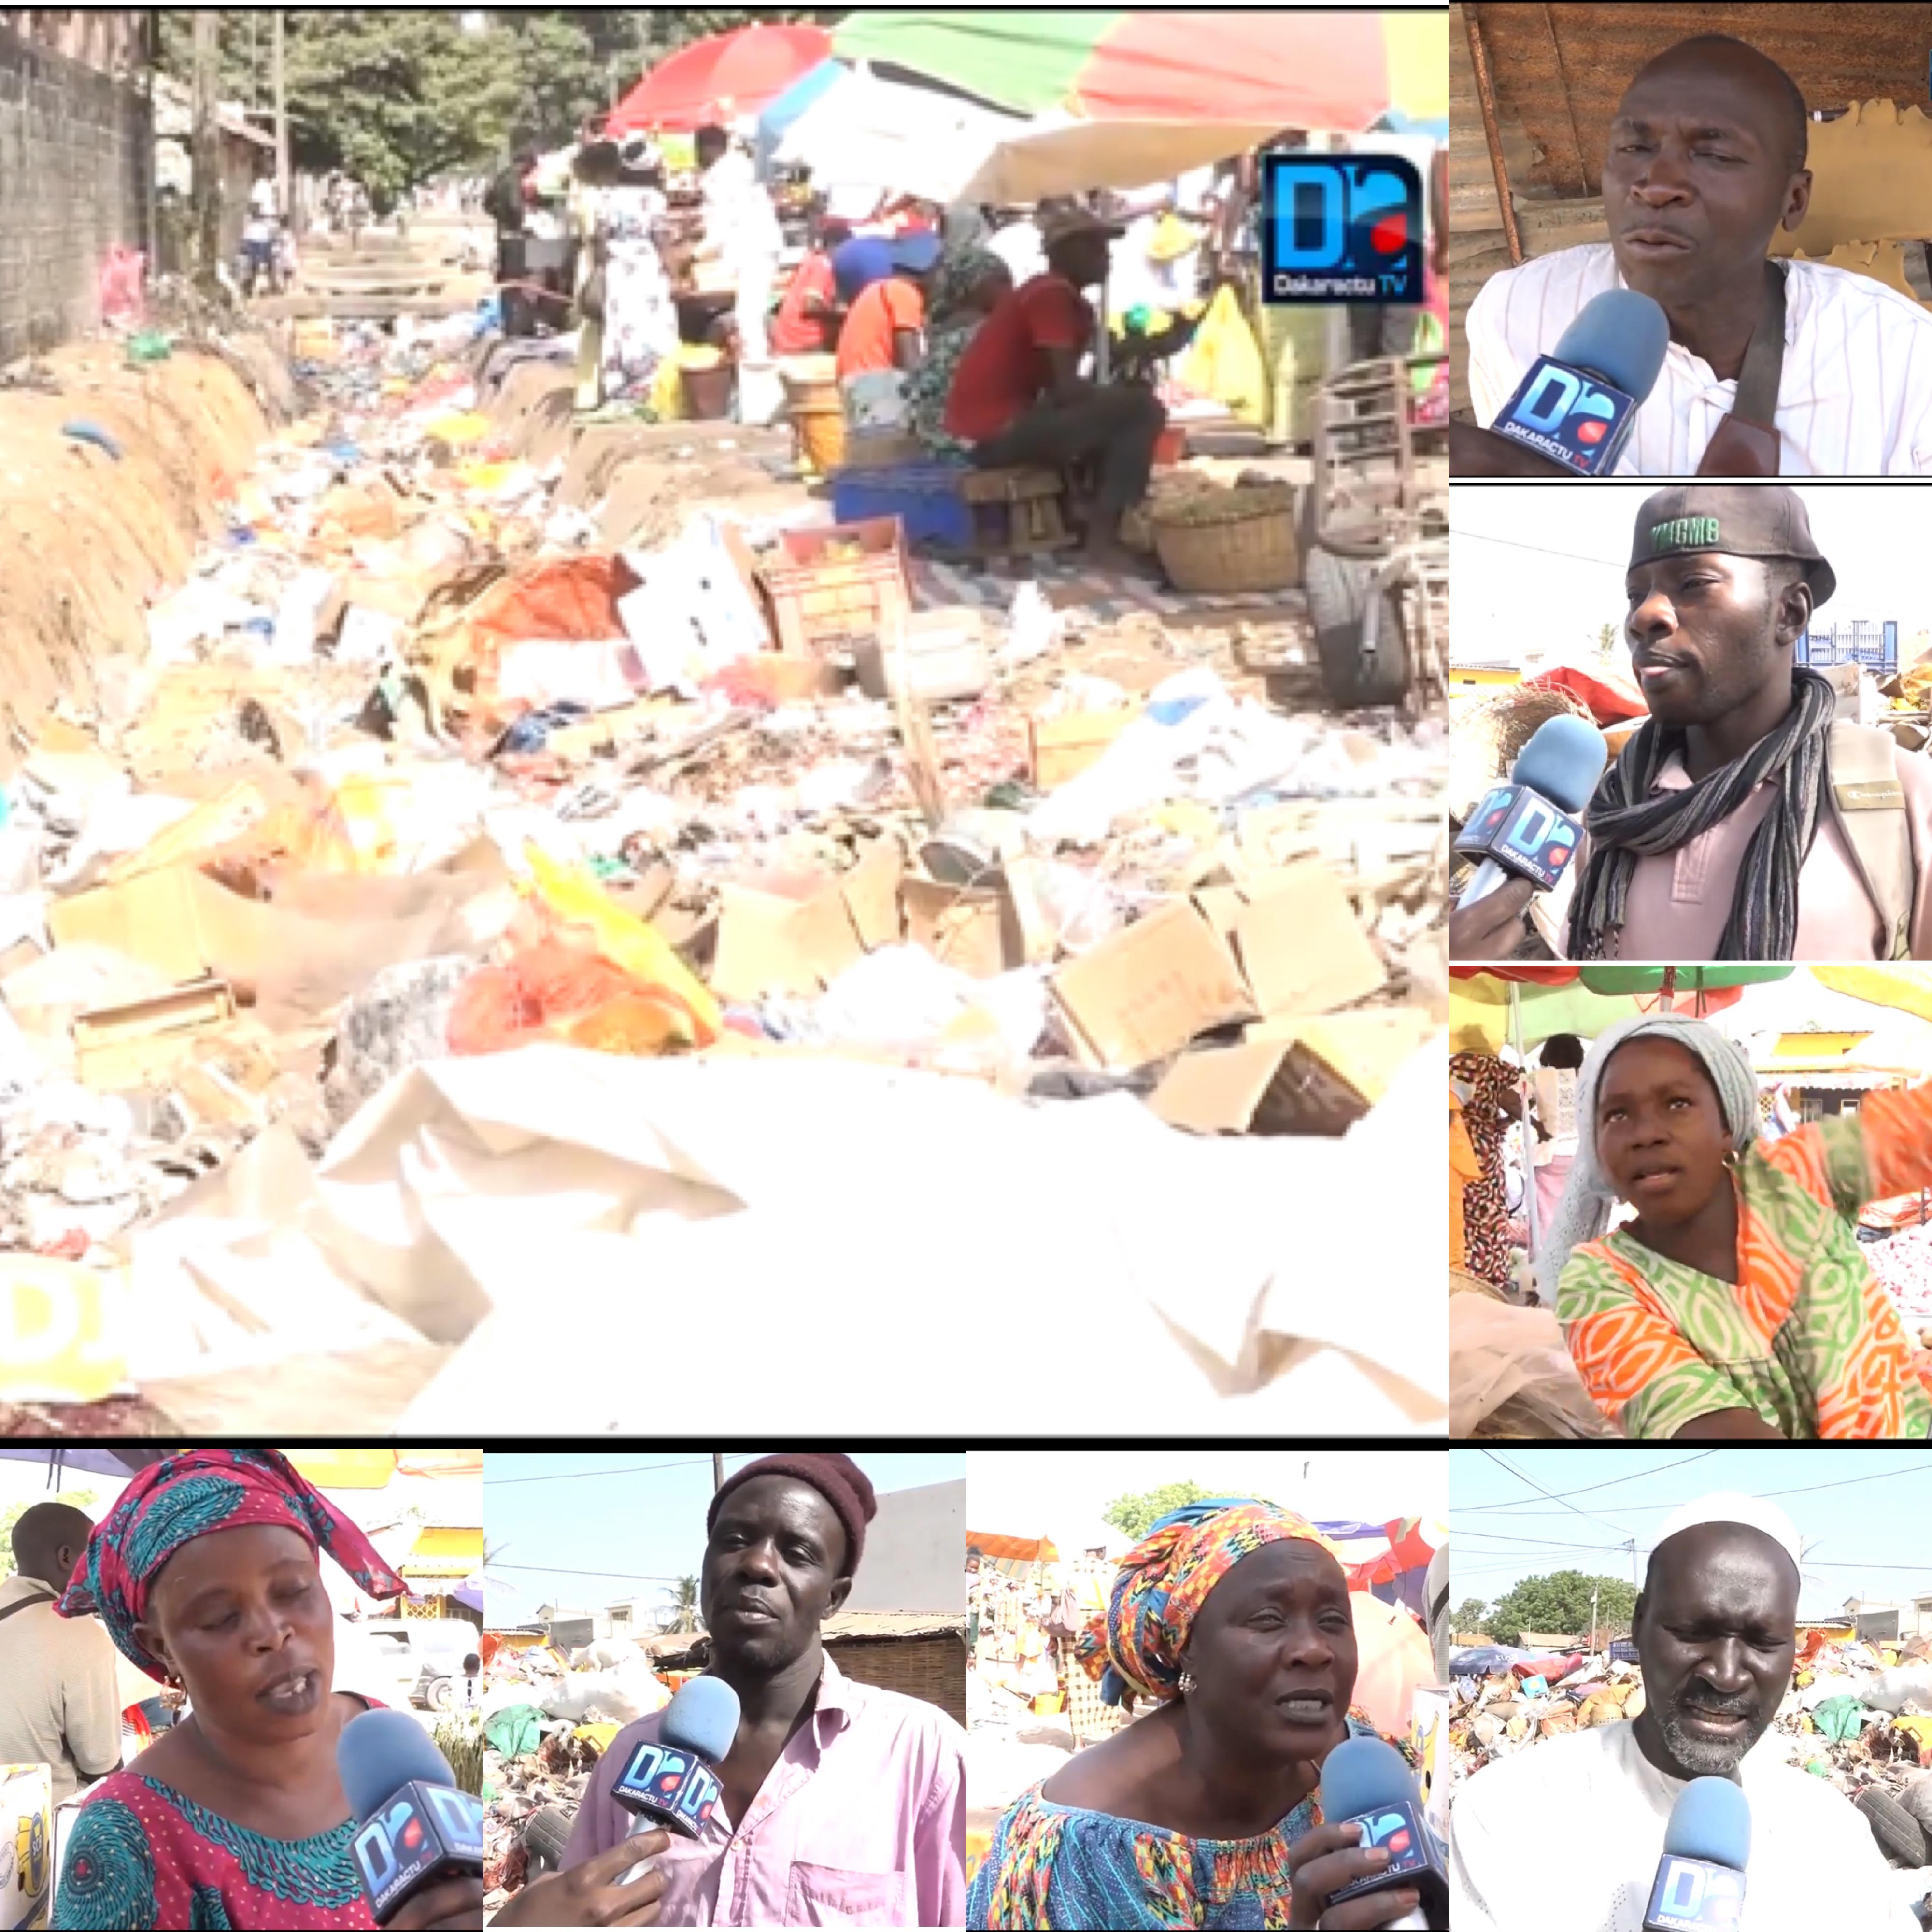 Nettoiement : les concessionnaires annoncent une interruption du ramassage des ordures  ménagères dans les prochains jours